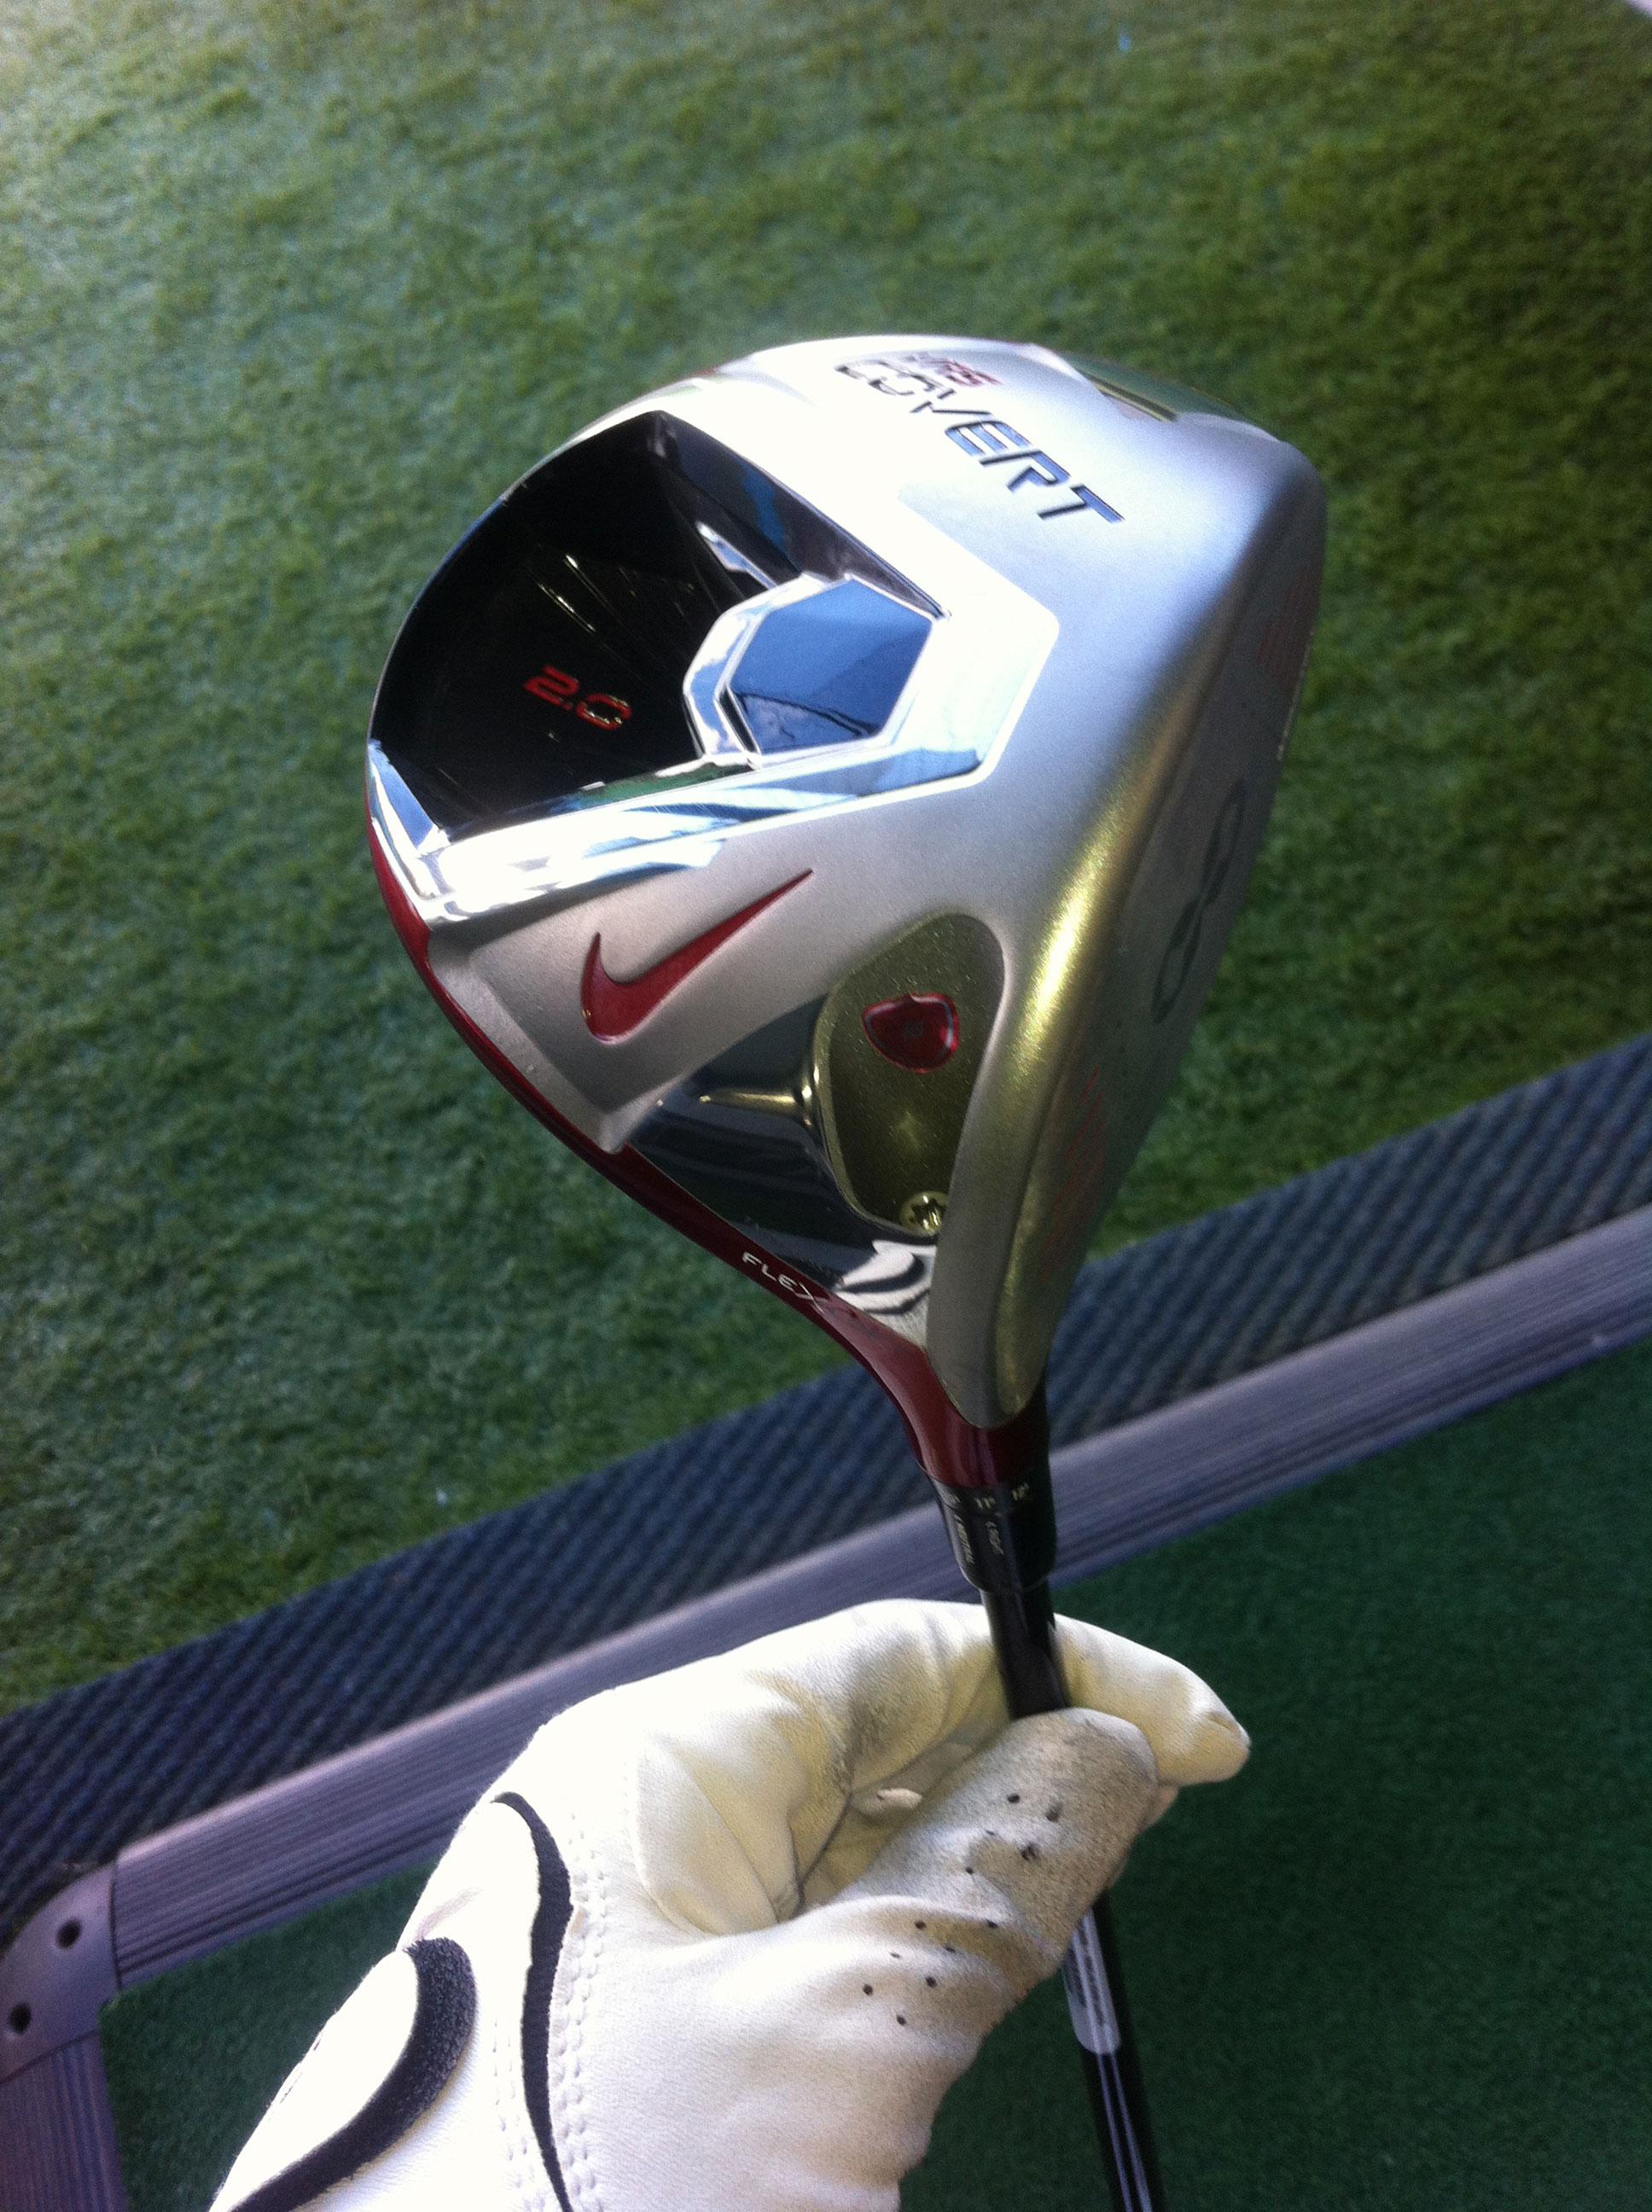 tubo respirador Campeonato Espera un minuto  Review: Nike VR_S Covert 2.0 driver | GolfMagic